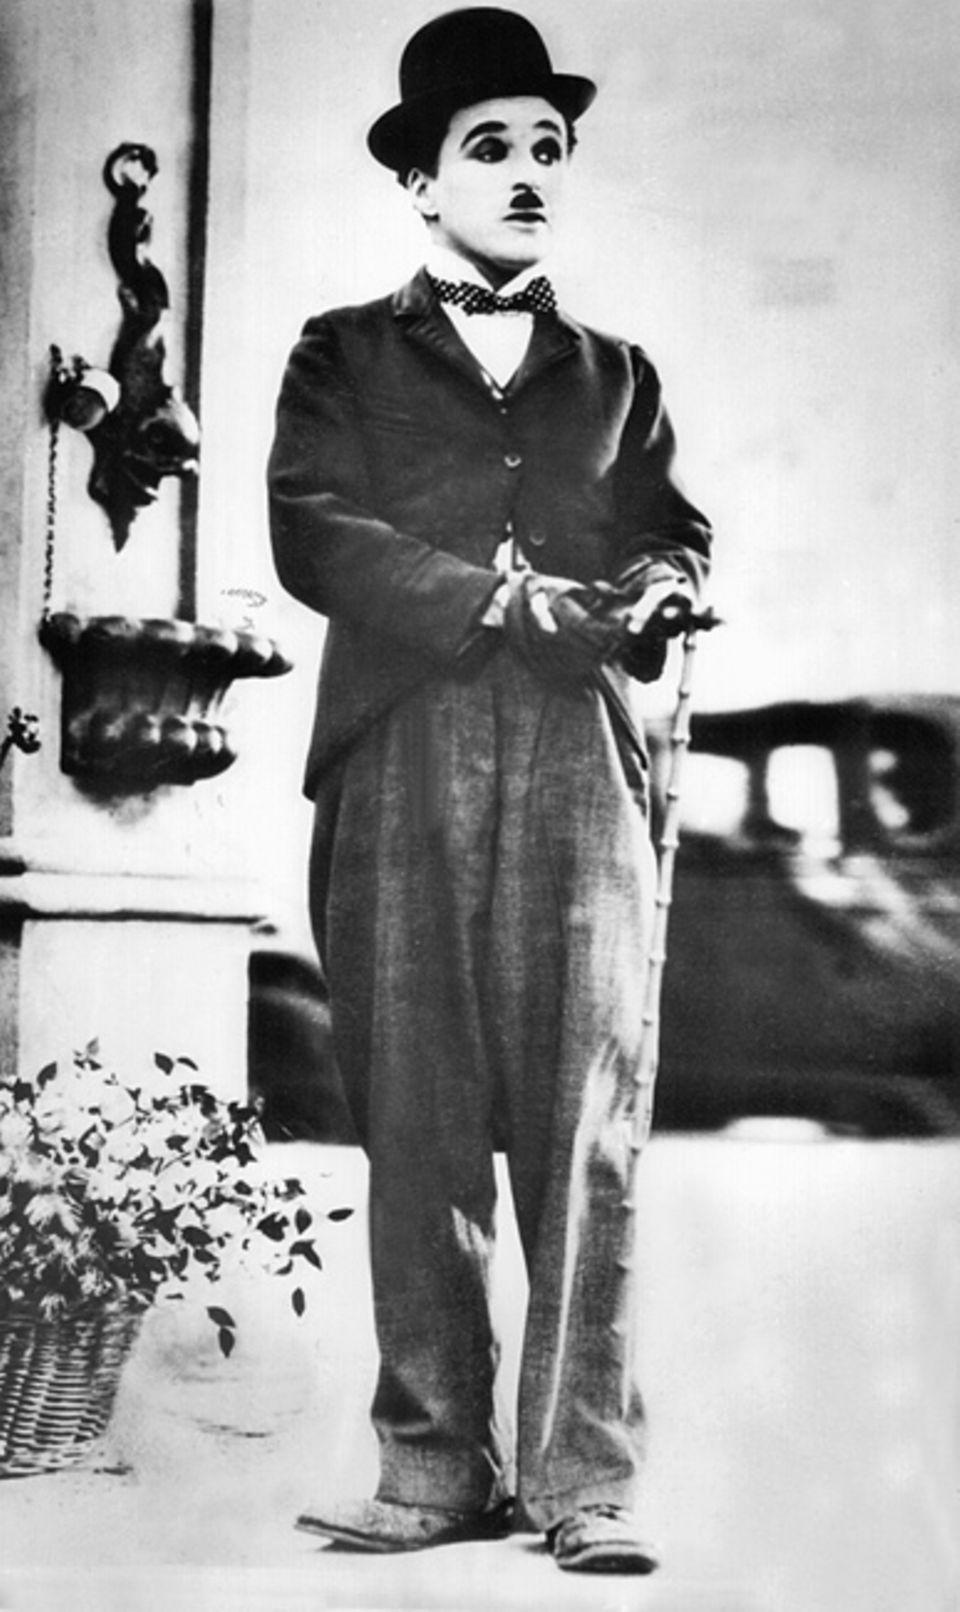 Biografie: Charlie Chaplins Stil war unverkennbar: Mit Spazierstock, Melone und Schnurrbart wurde er zu einem der größten Stars aller Zeiten